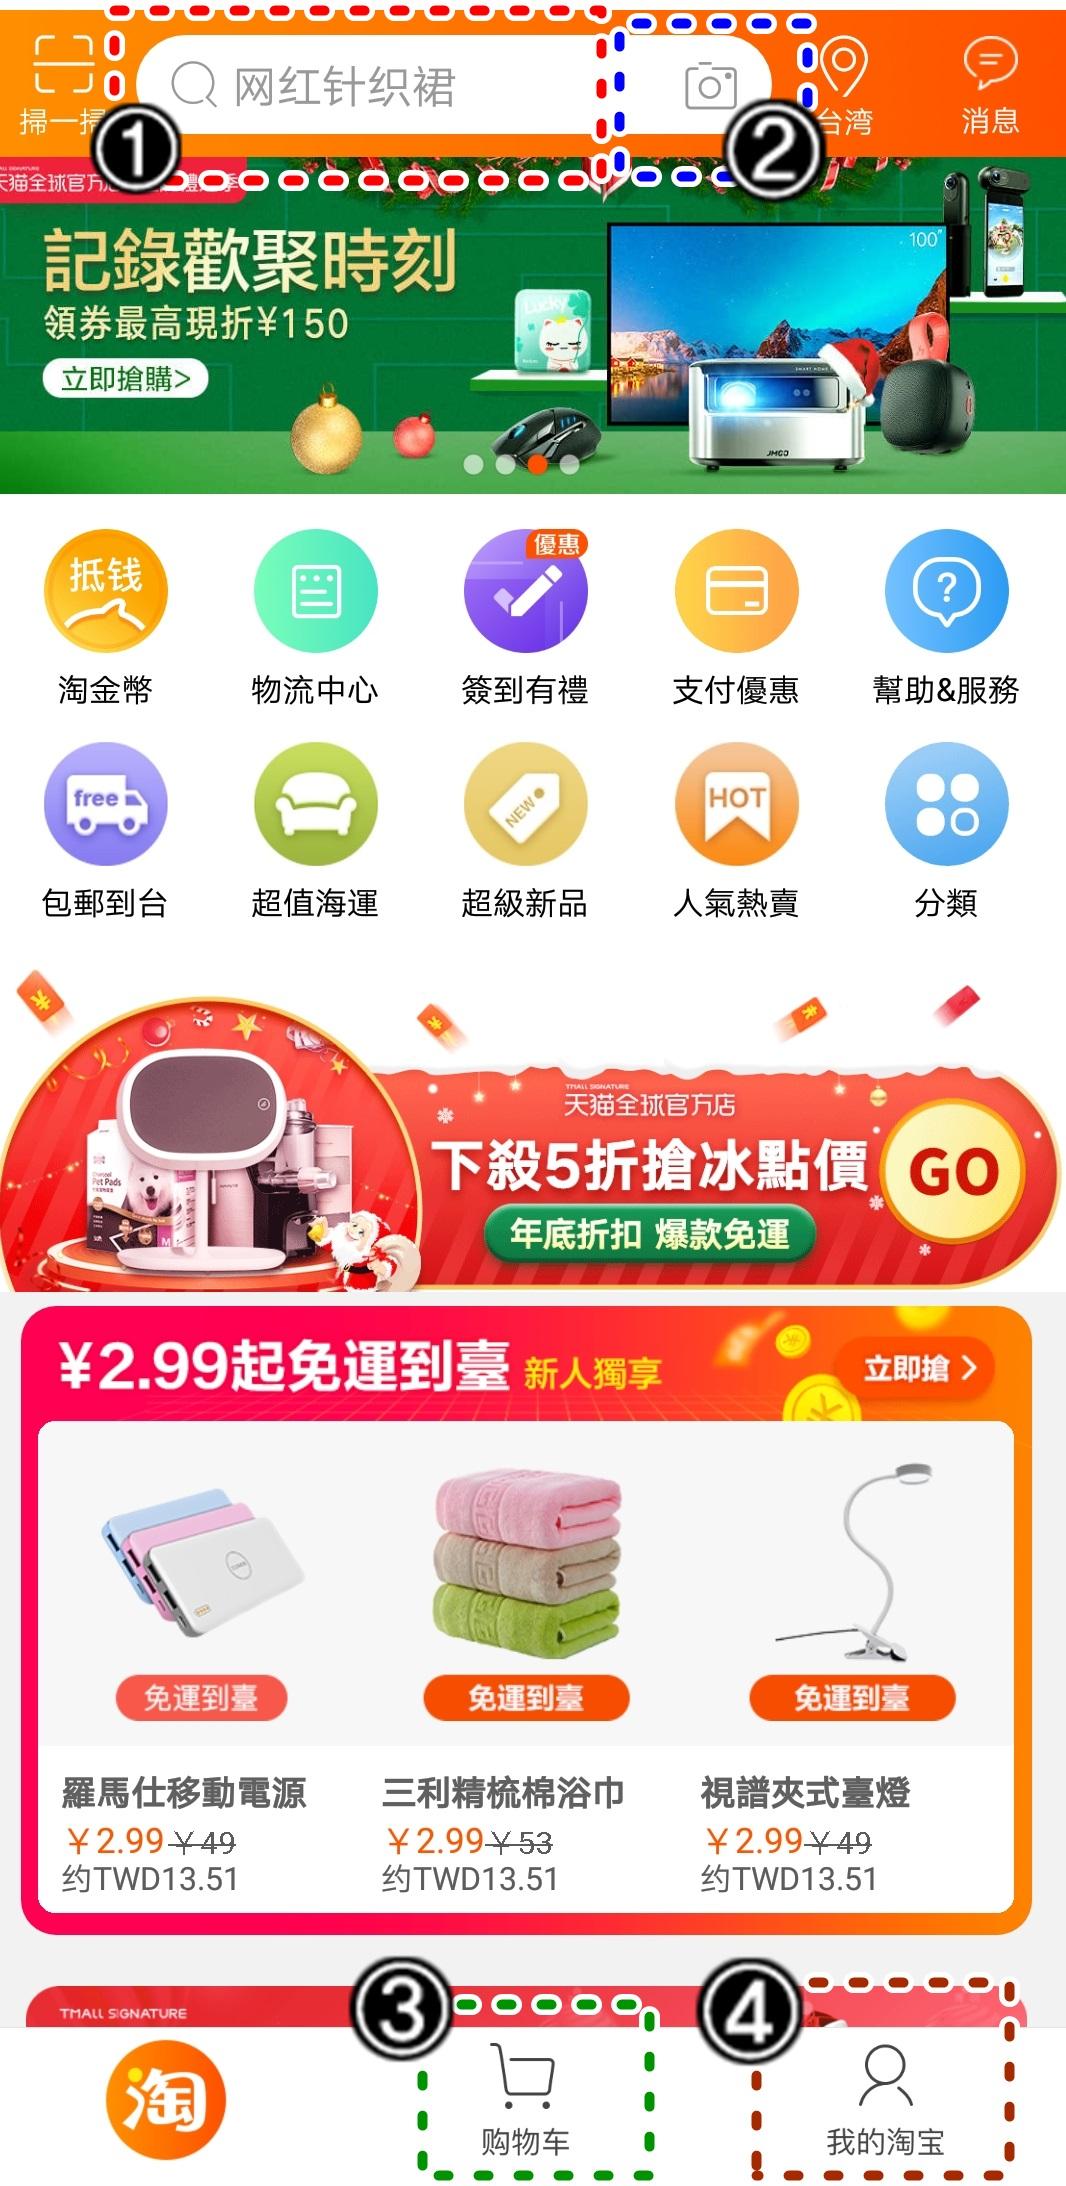 【用手機買淘寶】第一次買淘寶就上手,超簡單教學,1分鐘學會! @小環妞 幸福足跡